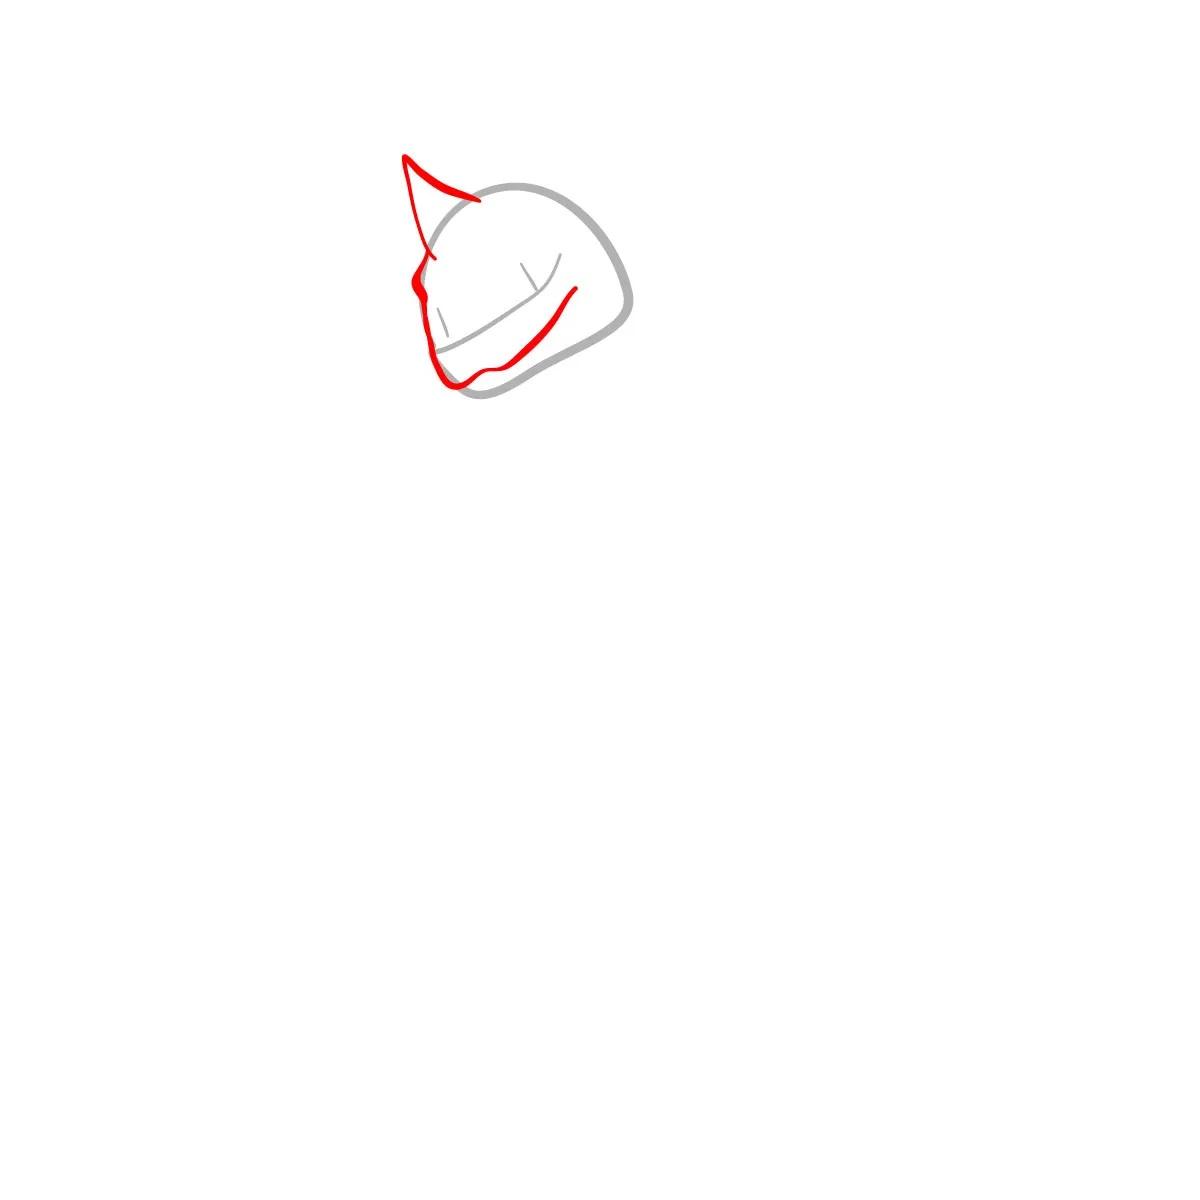 как нарисовать сису 2